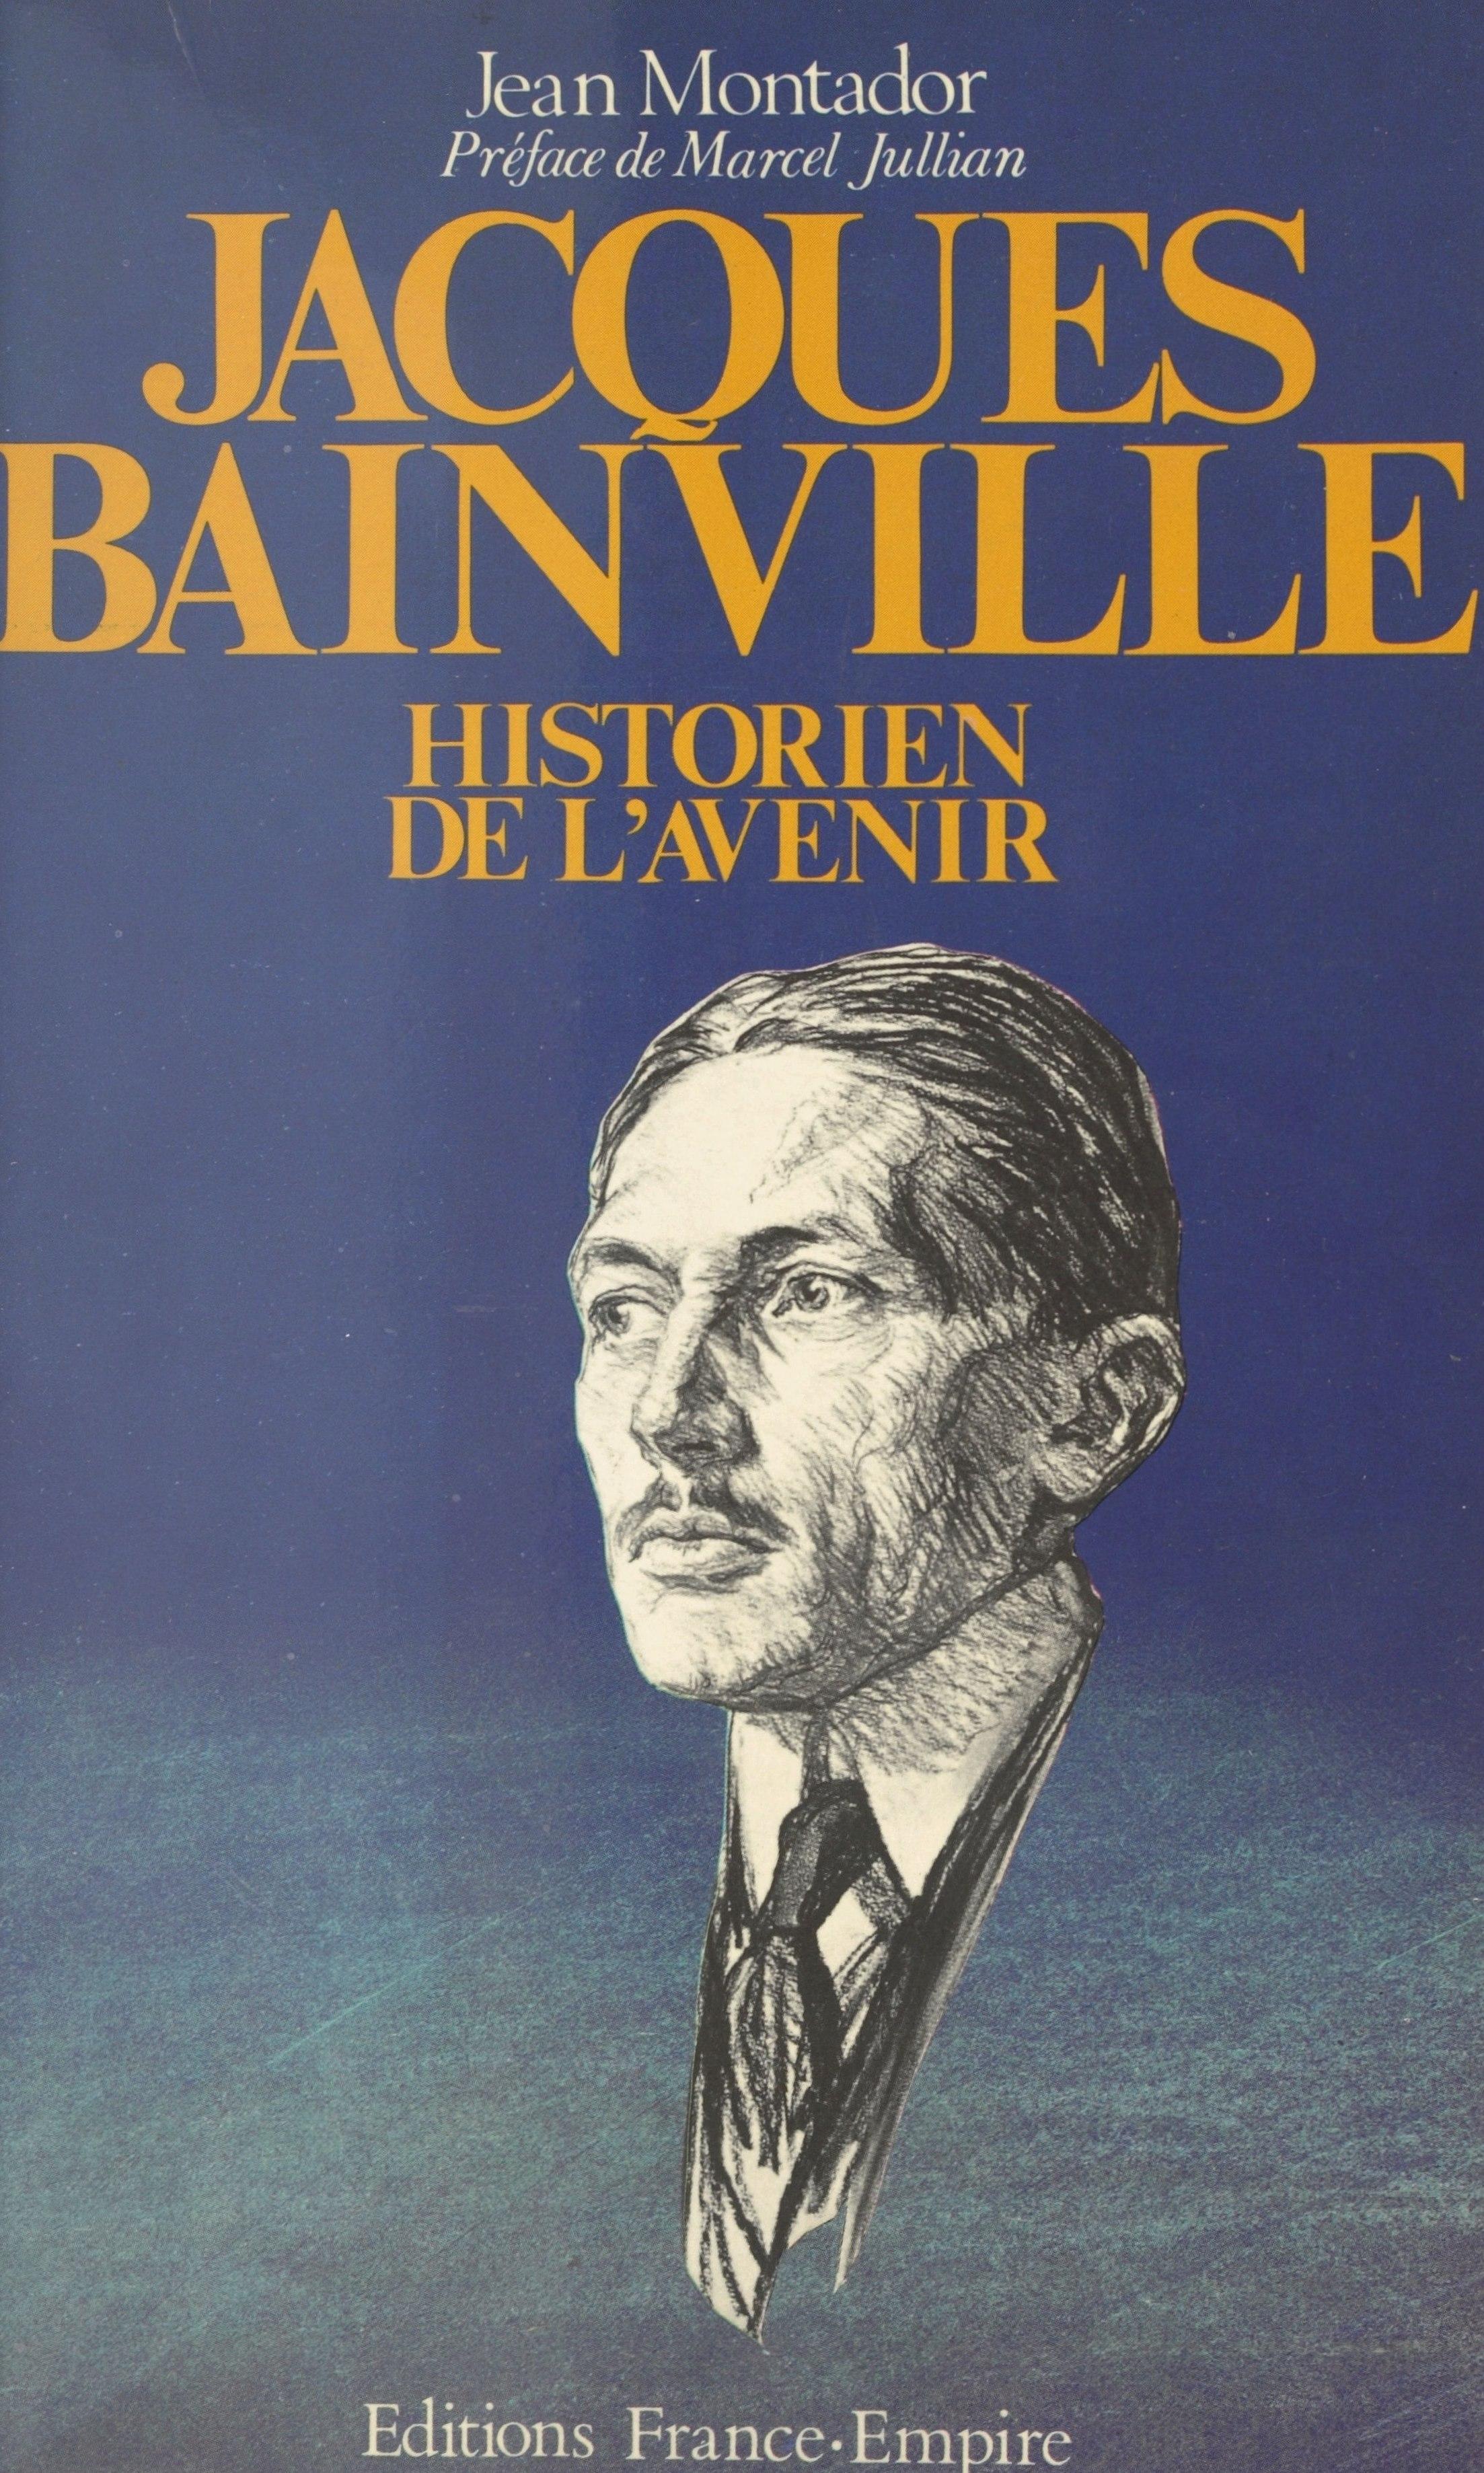 Jacques Bainville